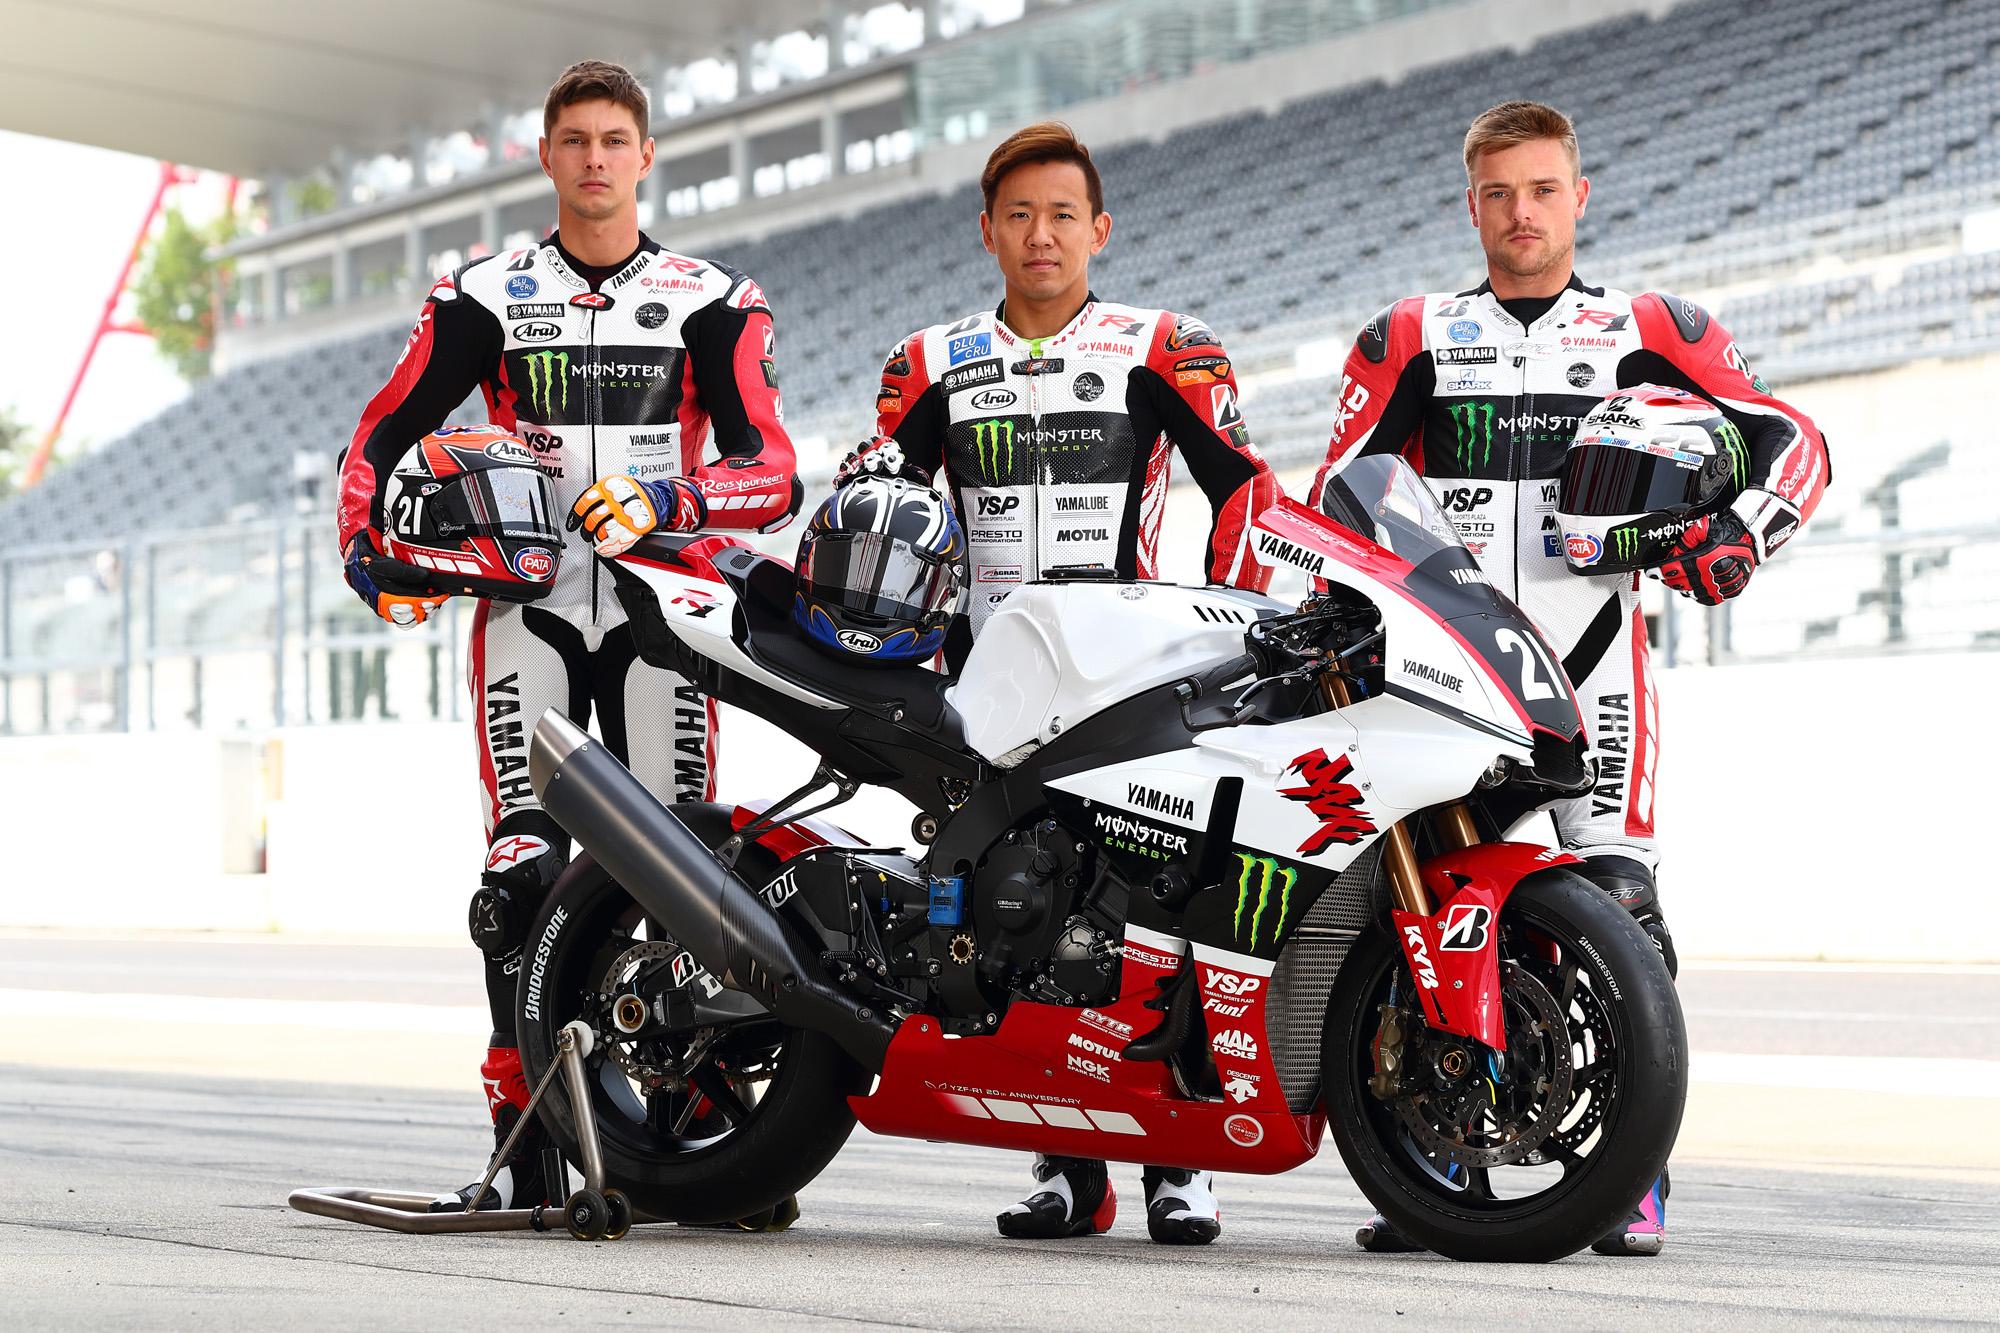 2018鈴鹿8耐ヤマハファクトリーチーム